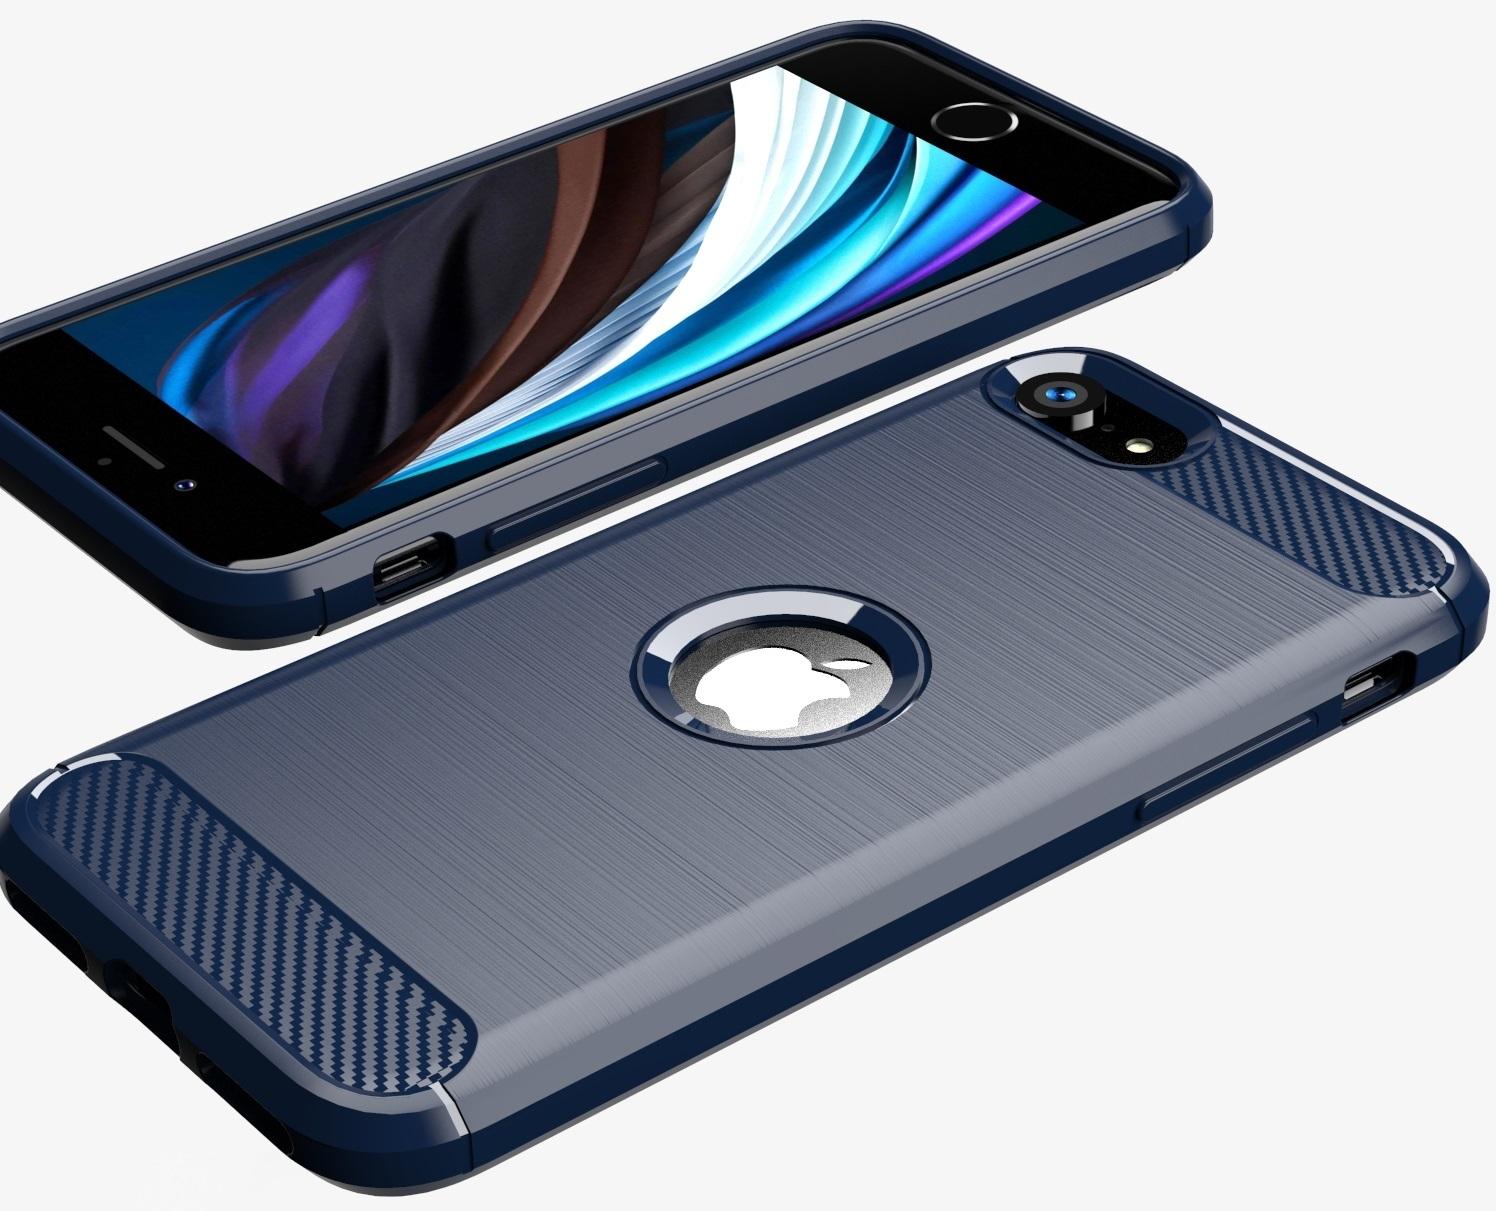 Чехол синего цвета для iPhone SE (2020), серии Carbon от Caseport